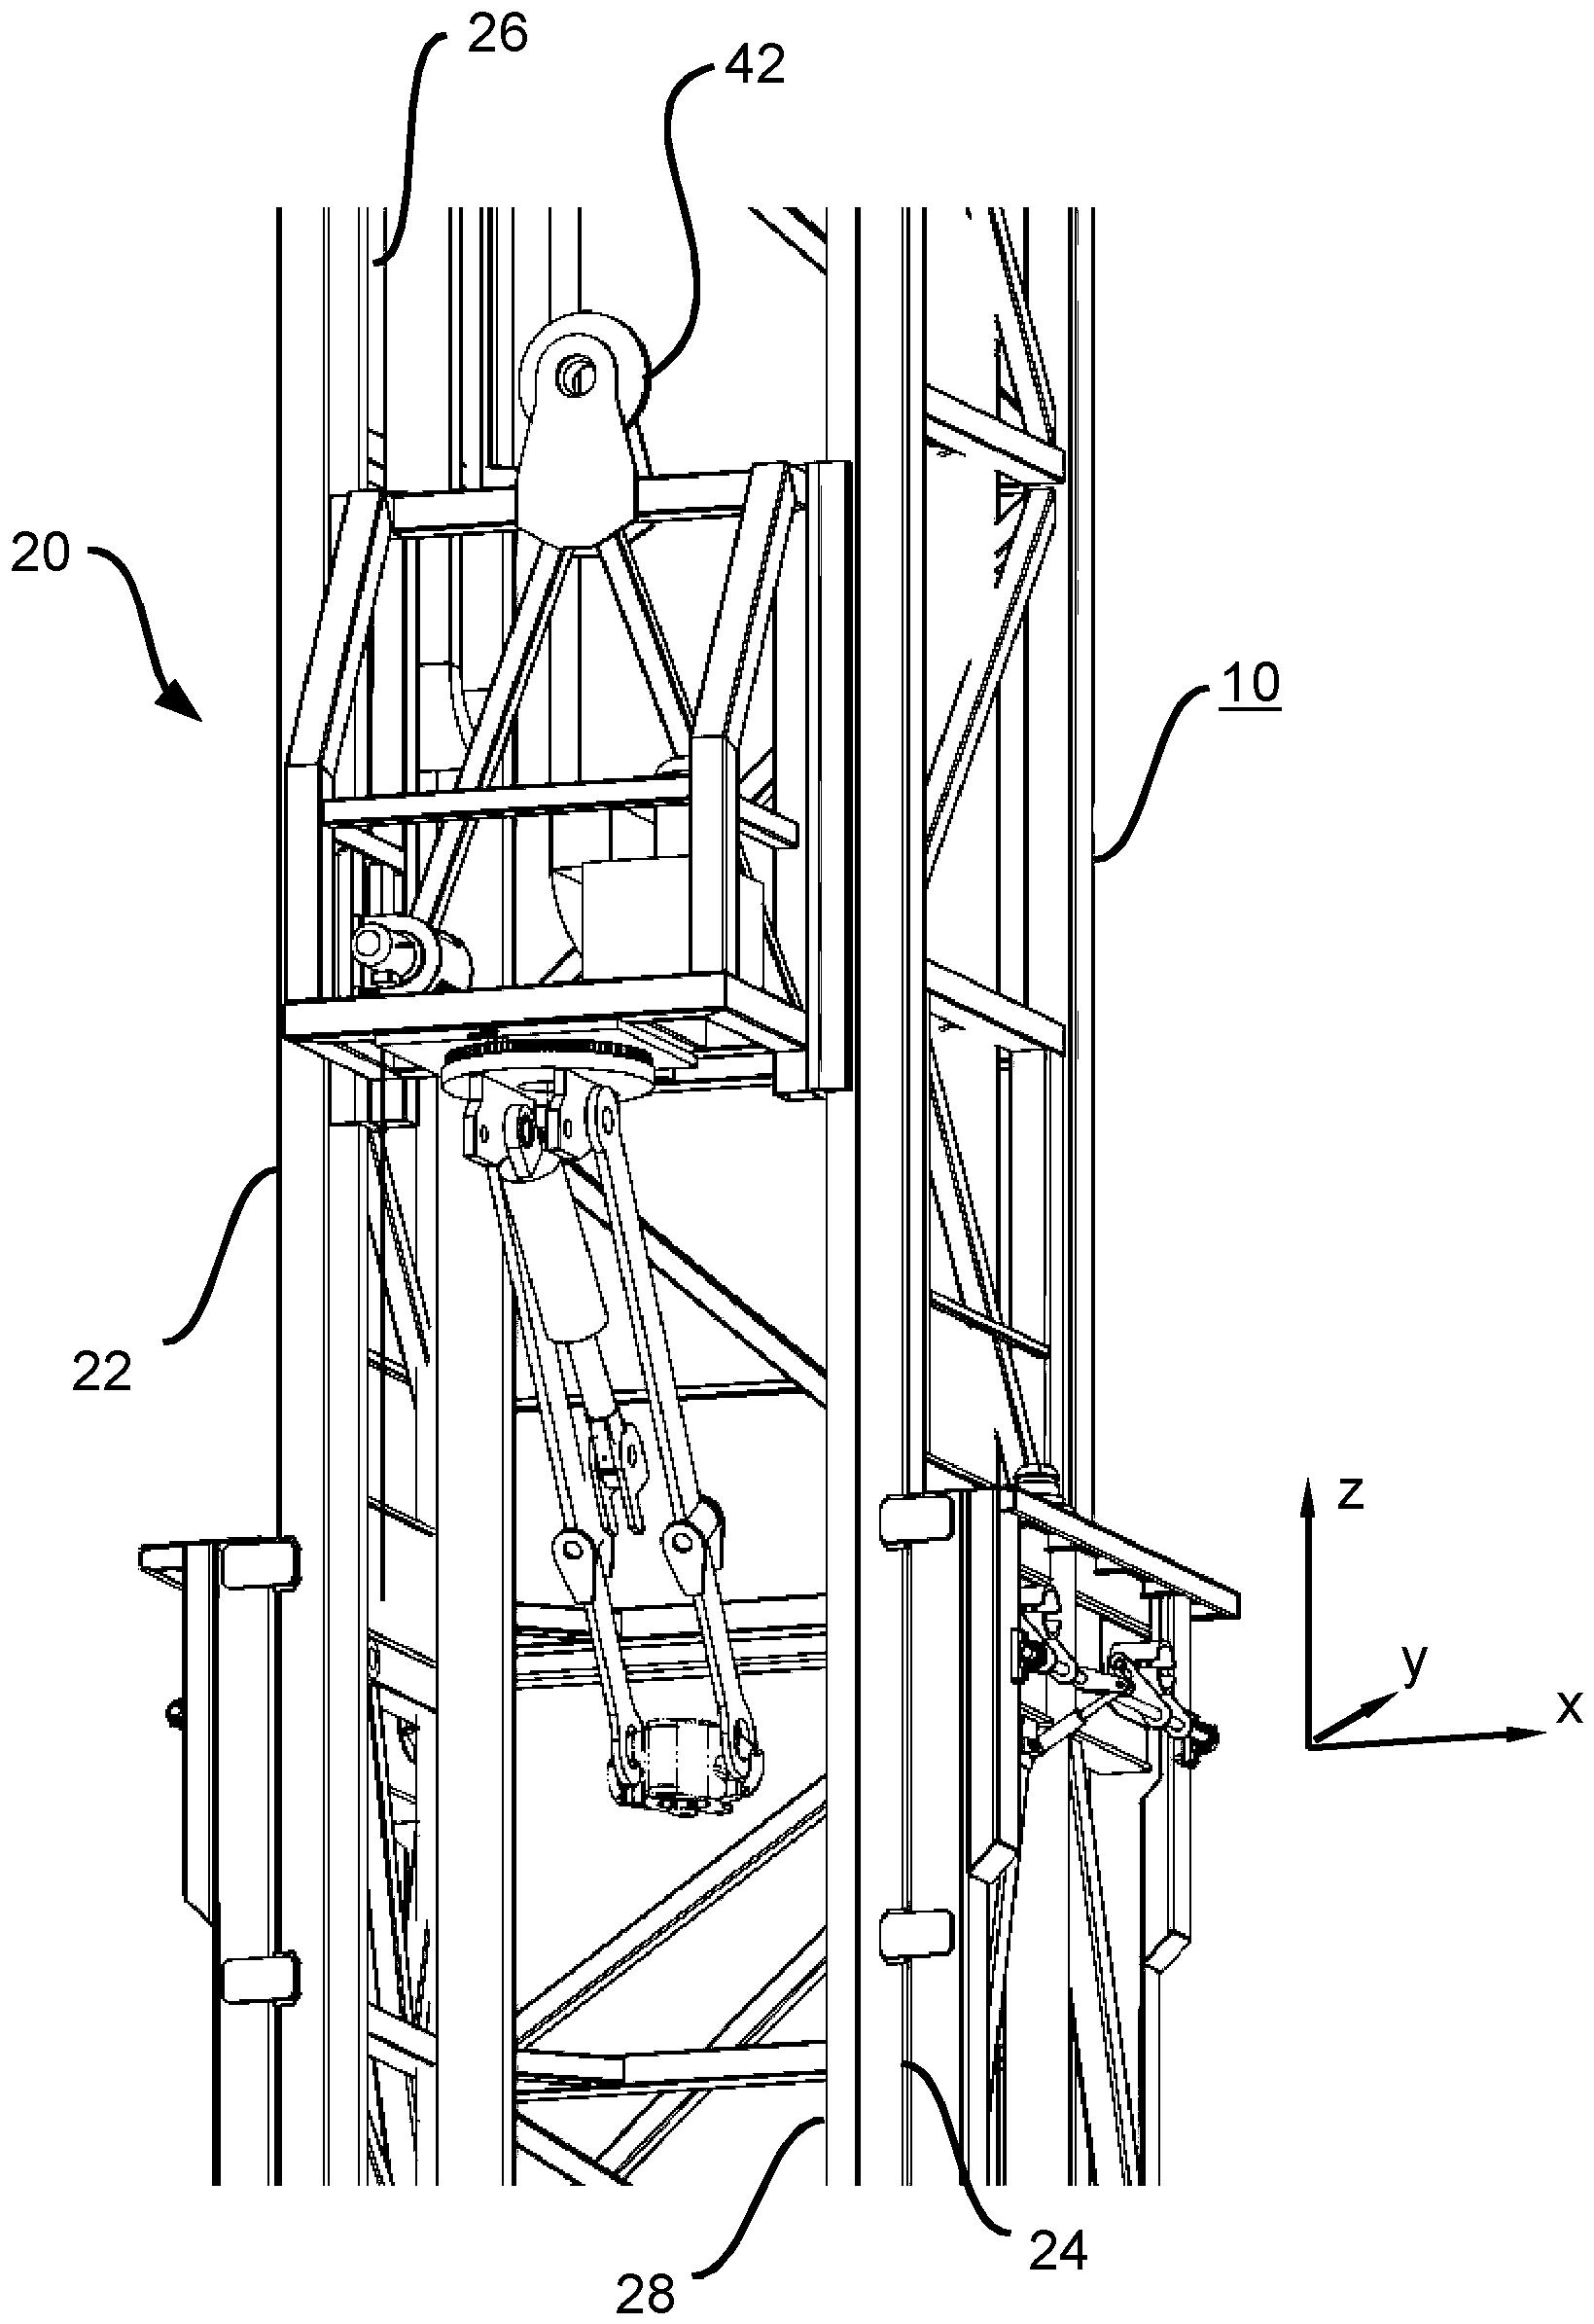 Figure DE102017204352A1_0000